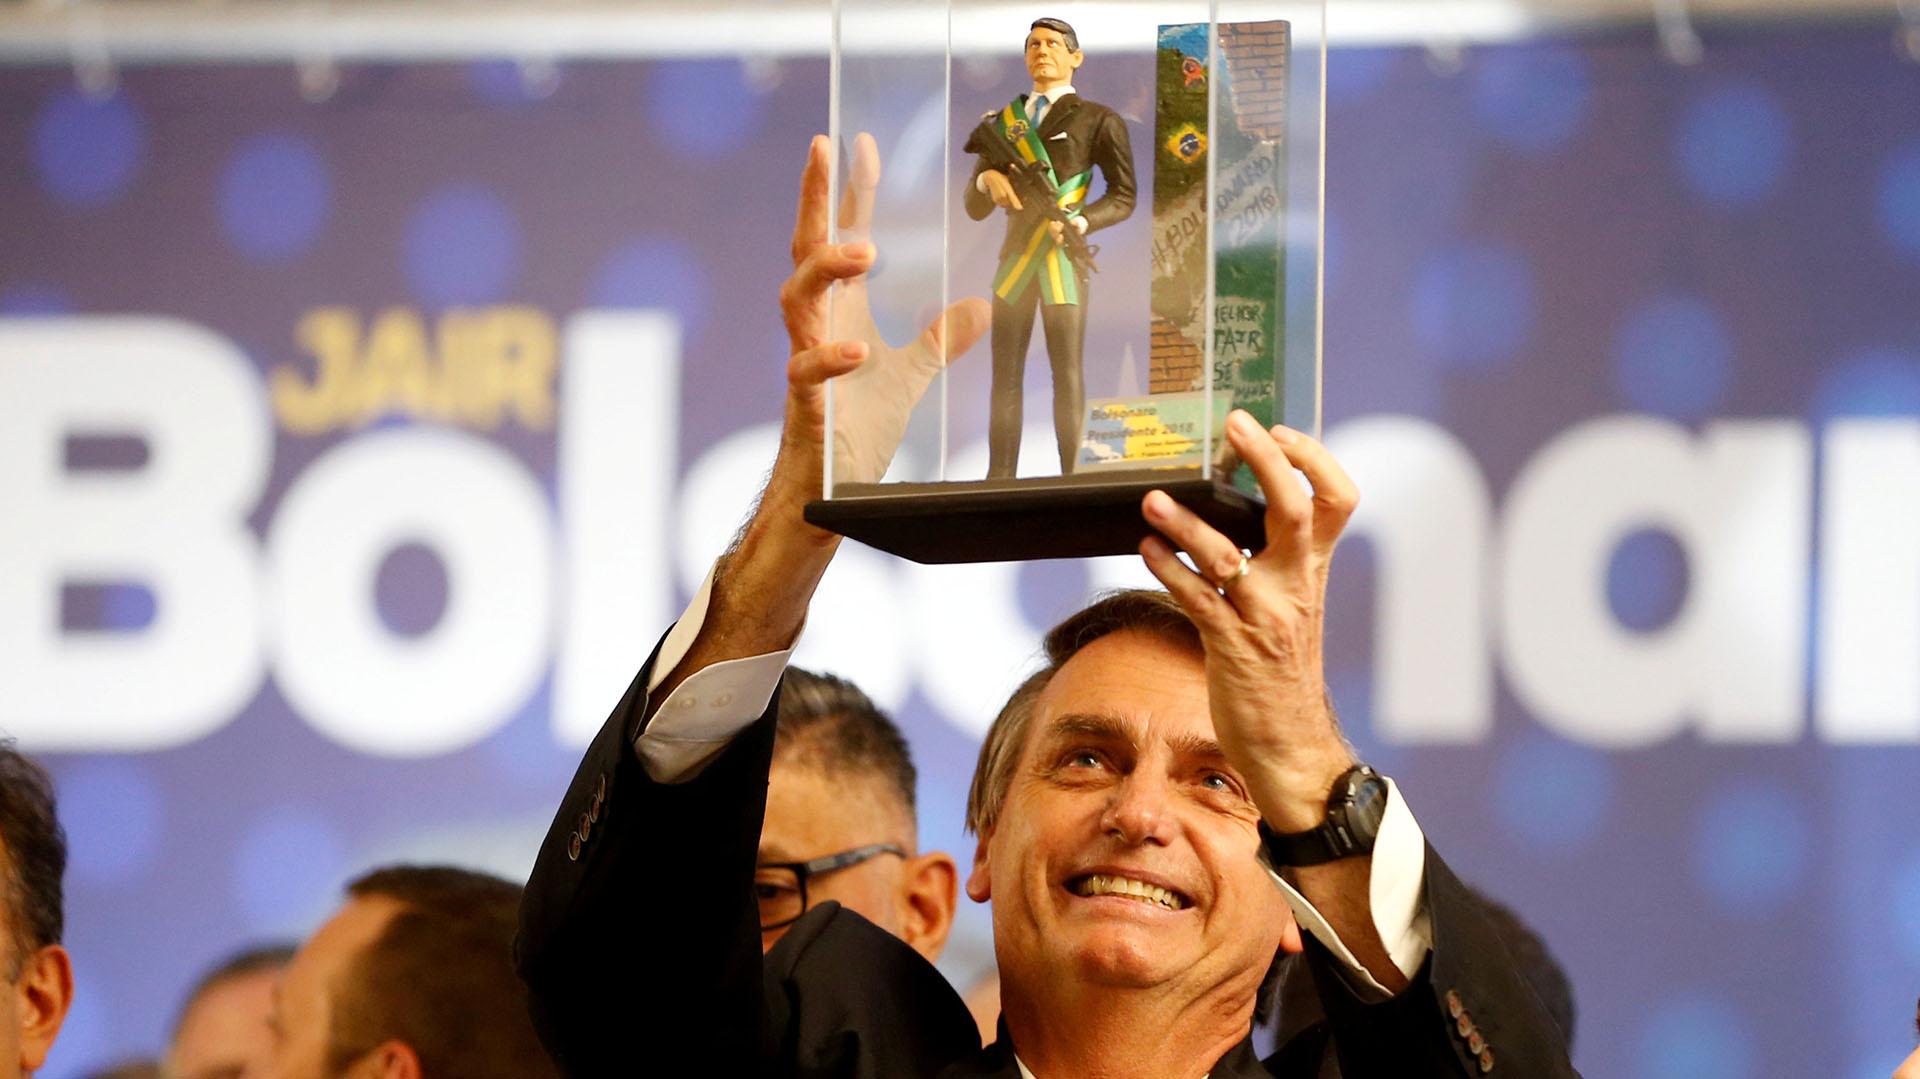 Jair Bolsonaro levanta un muñeco de él con la banda presidencial, sosteniendo un fusil de asalto, durante un acto en Curitiba en marzo pasado (REUTERS/Rodolfo Buhrer/File photo)